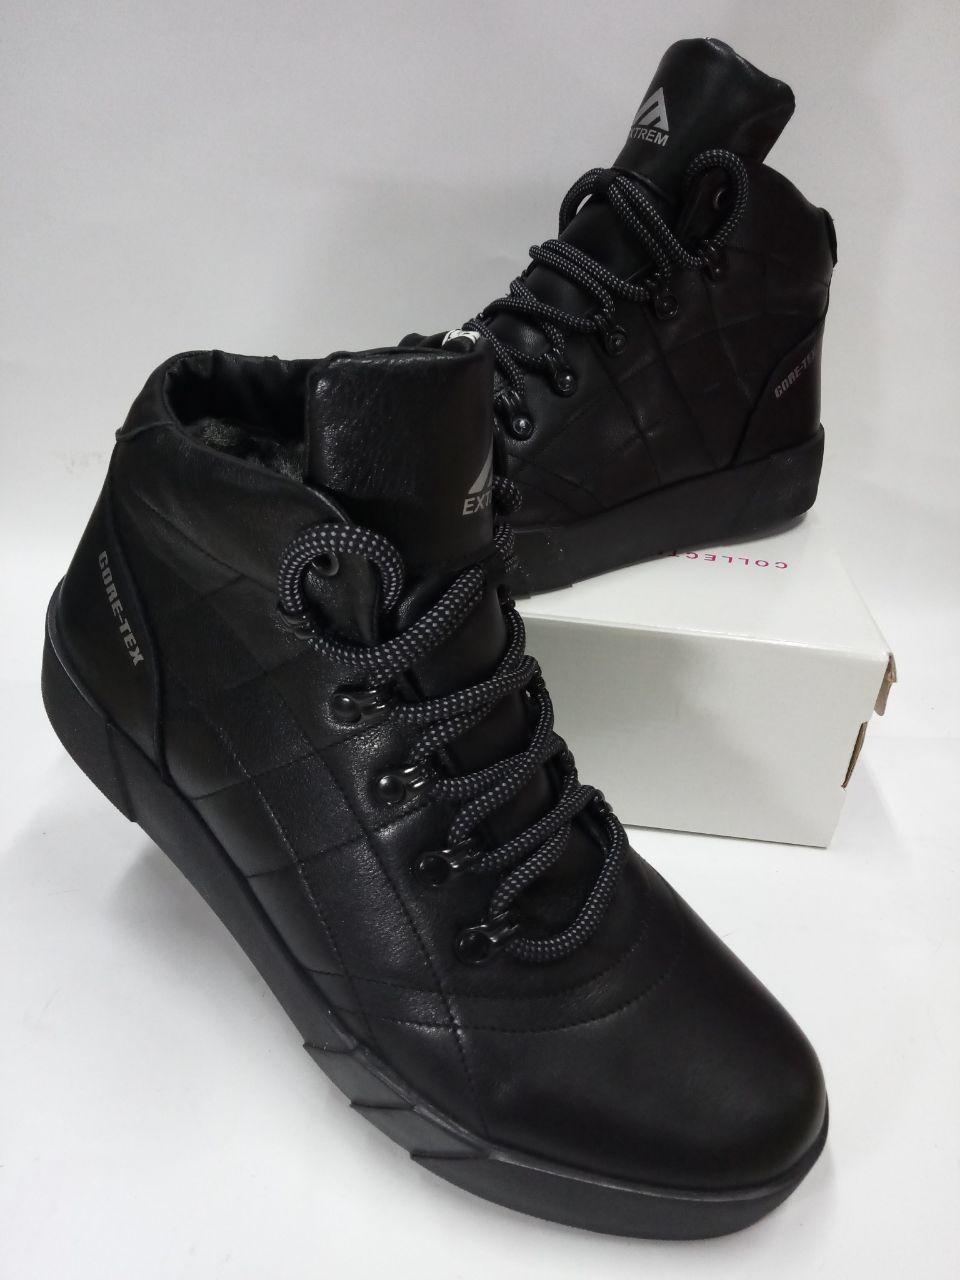 Мужские ботинки зимние из натуральной кожи EXTREME Б4027